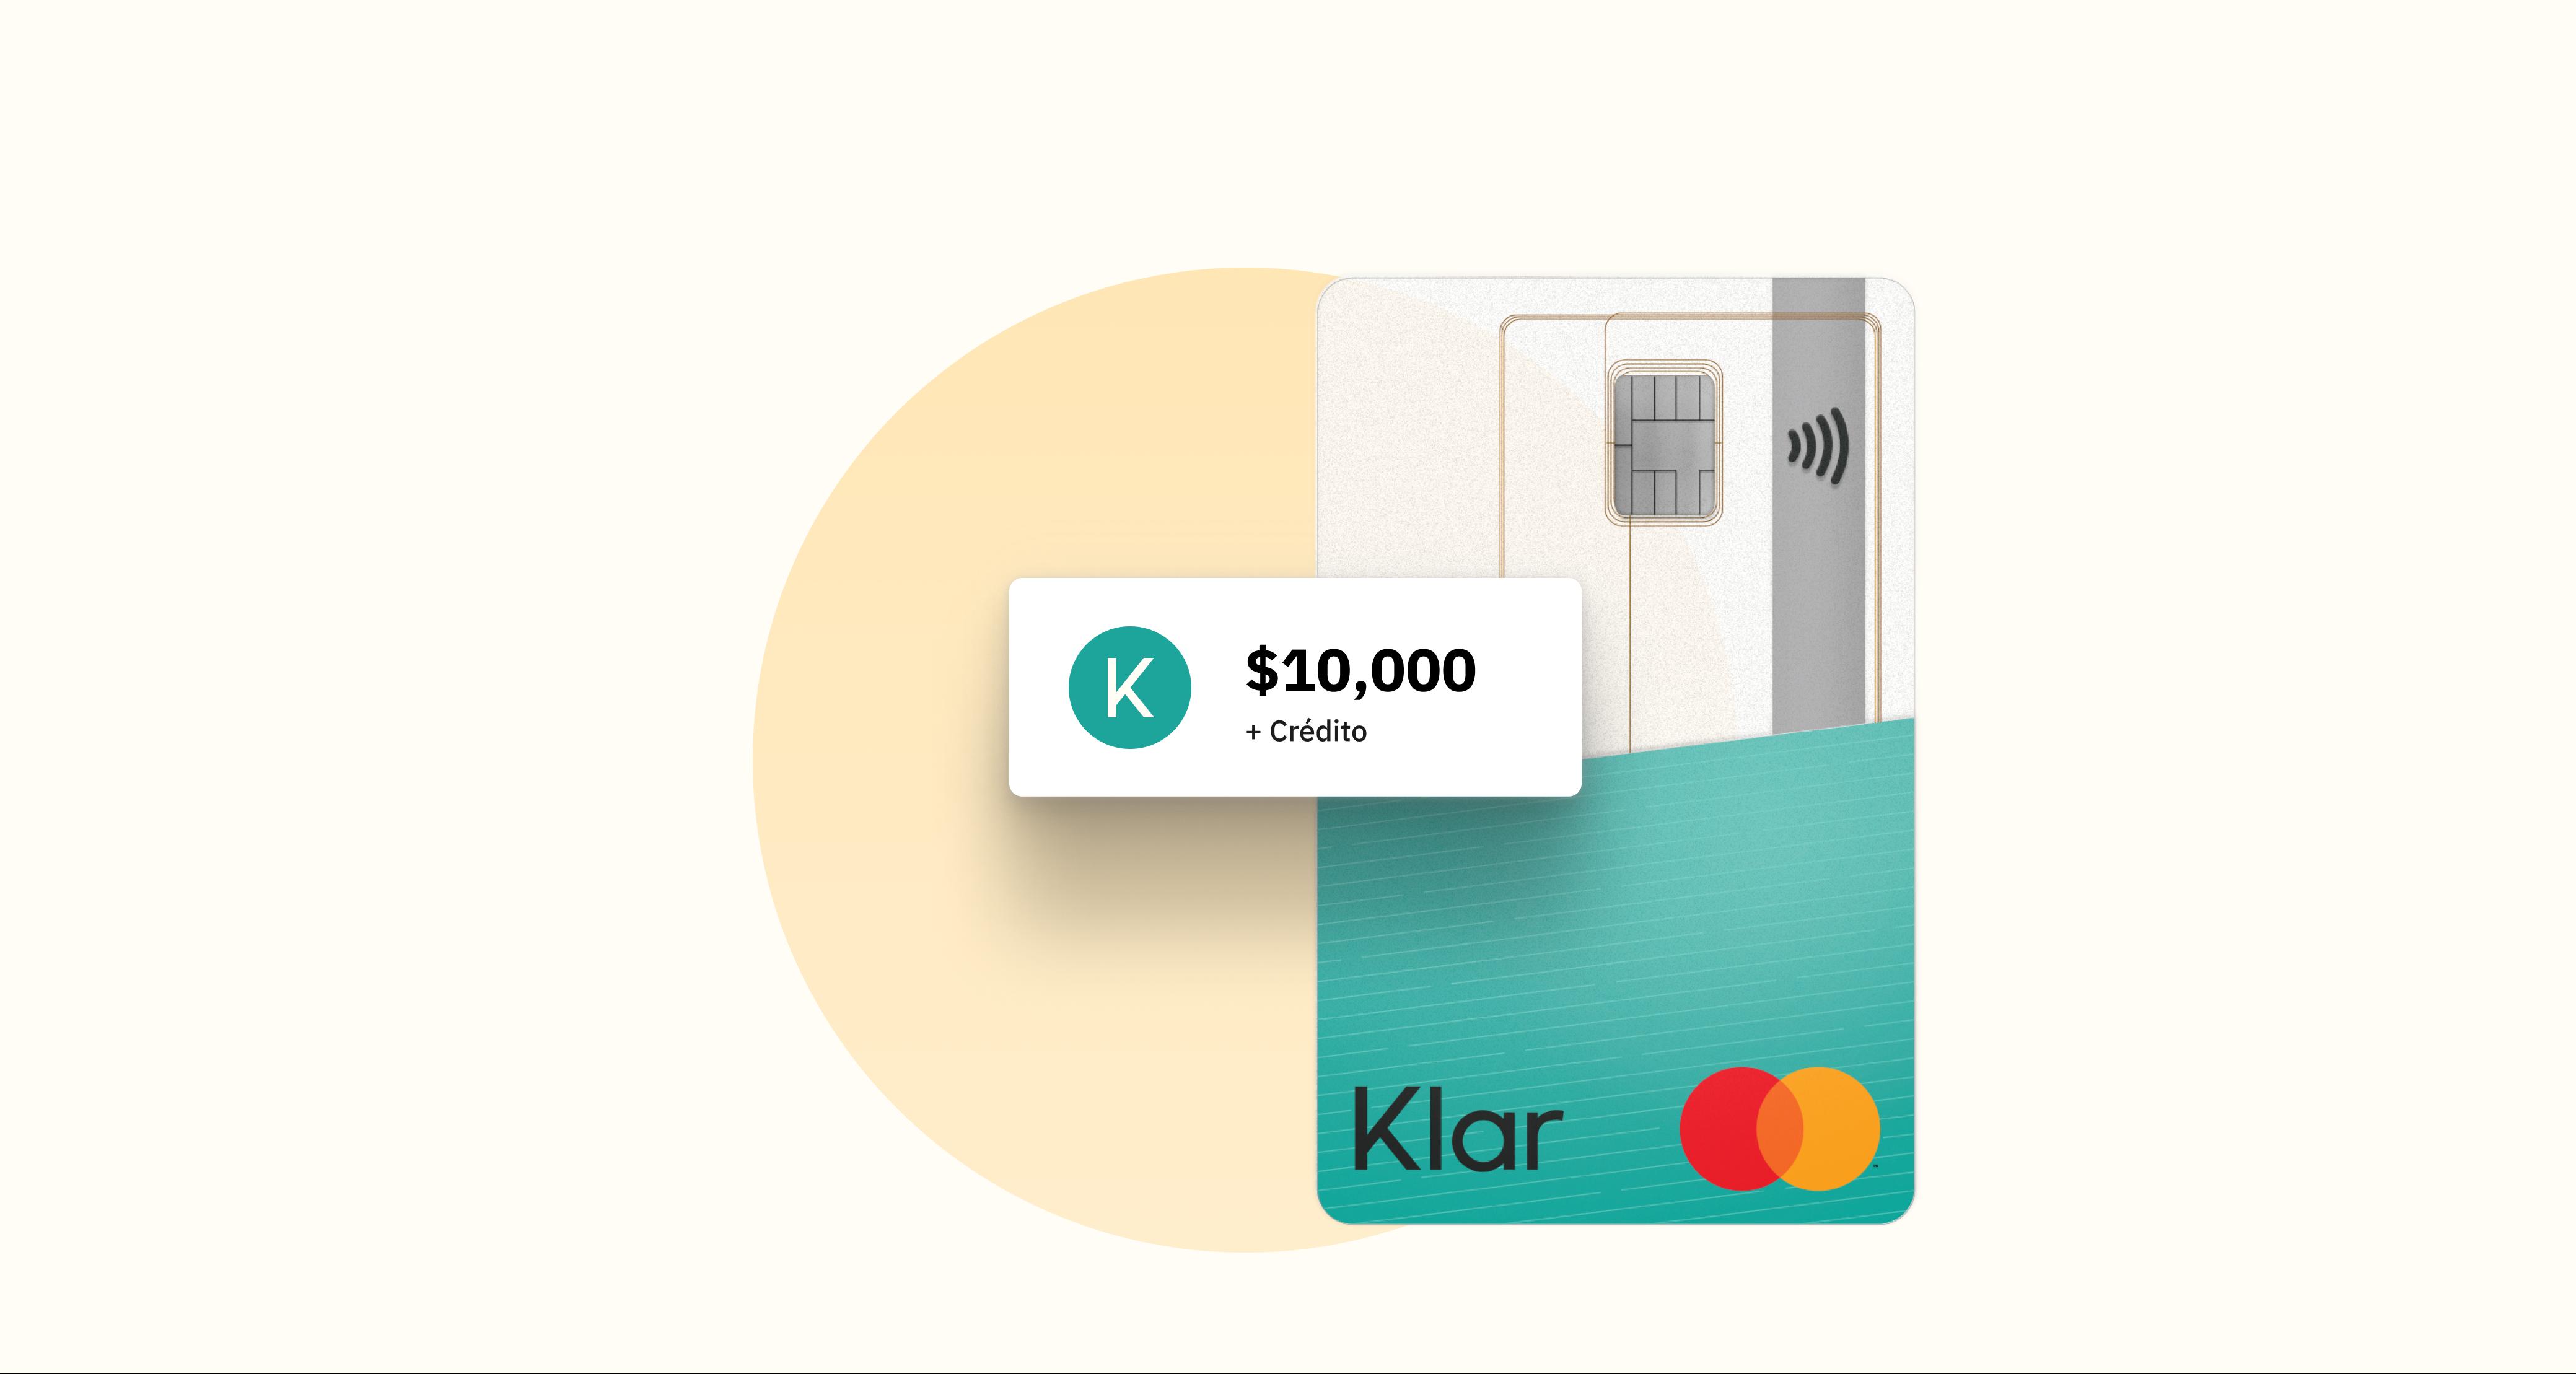 Las tarjetas de crédito pueden ser una aliada muy interesante en tus finanzas, si las usas bien. Puedes ganar dinero y hasta viajes gratis.